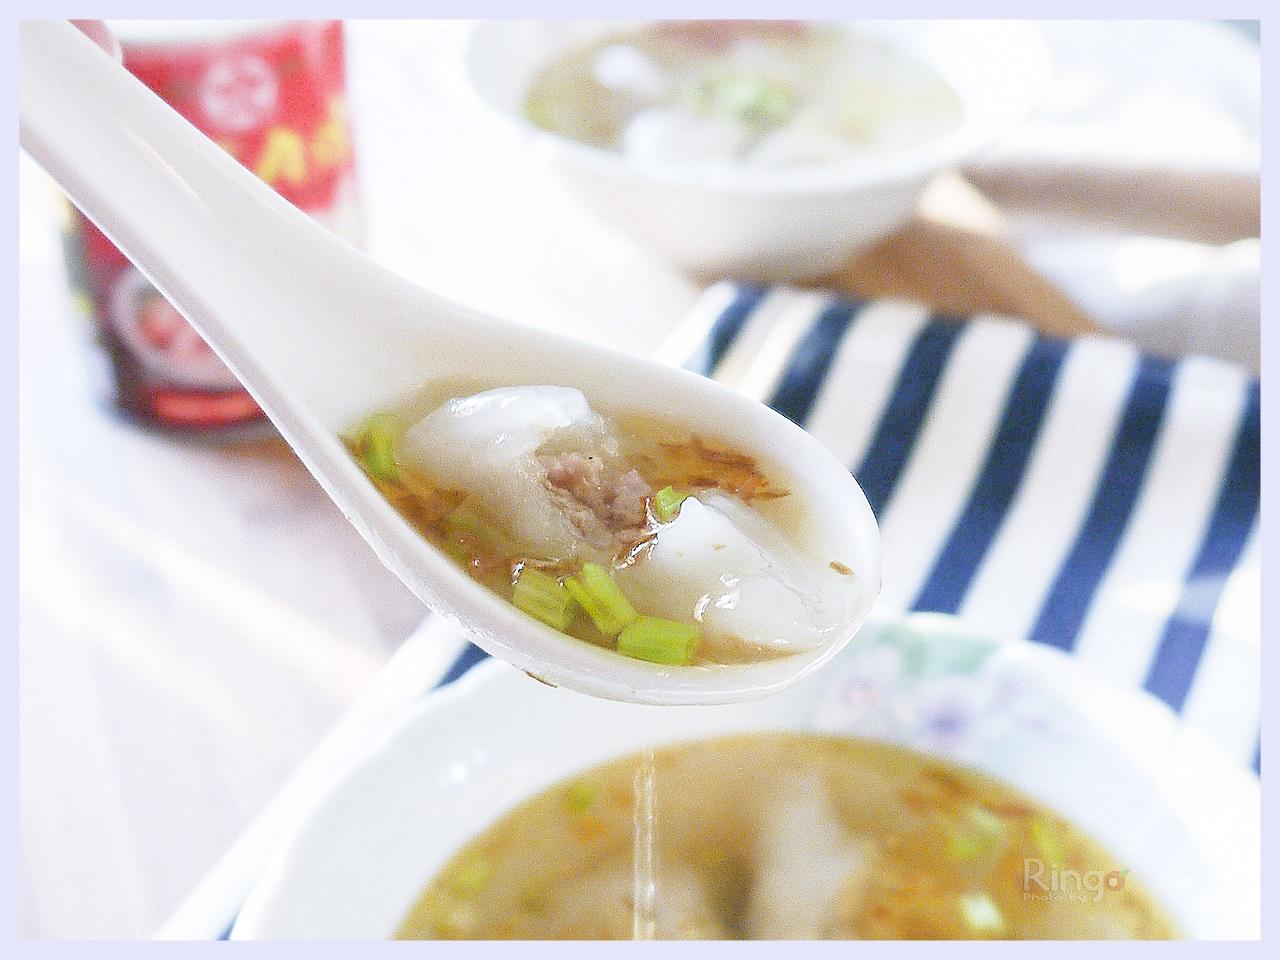 油蔥水晶餃【牛頭牌端午好香拌】